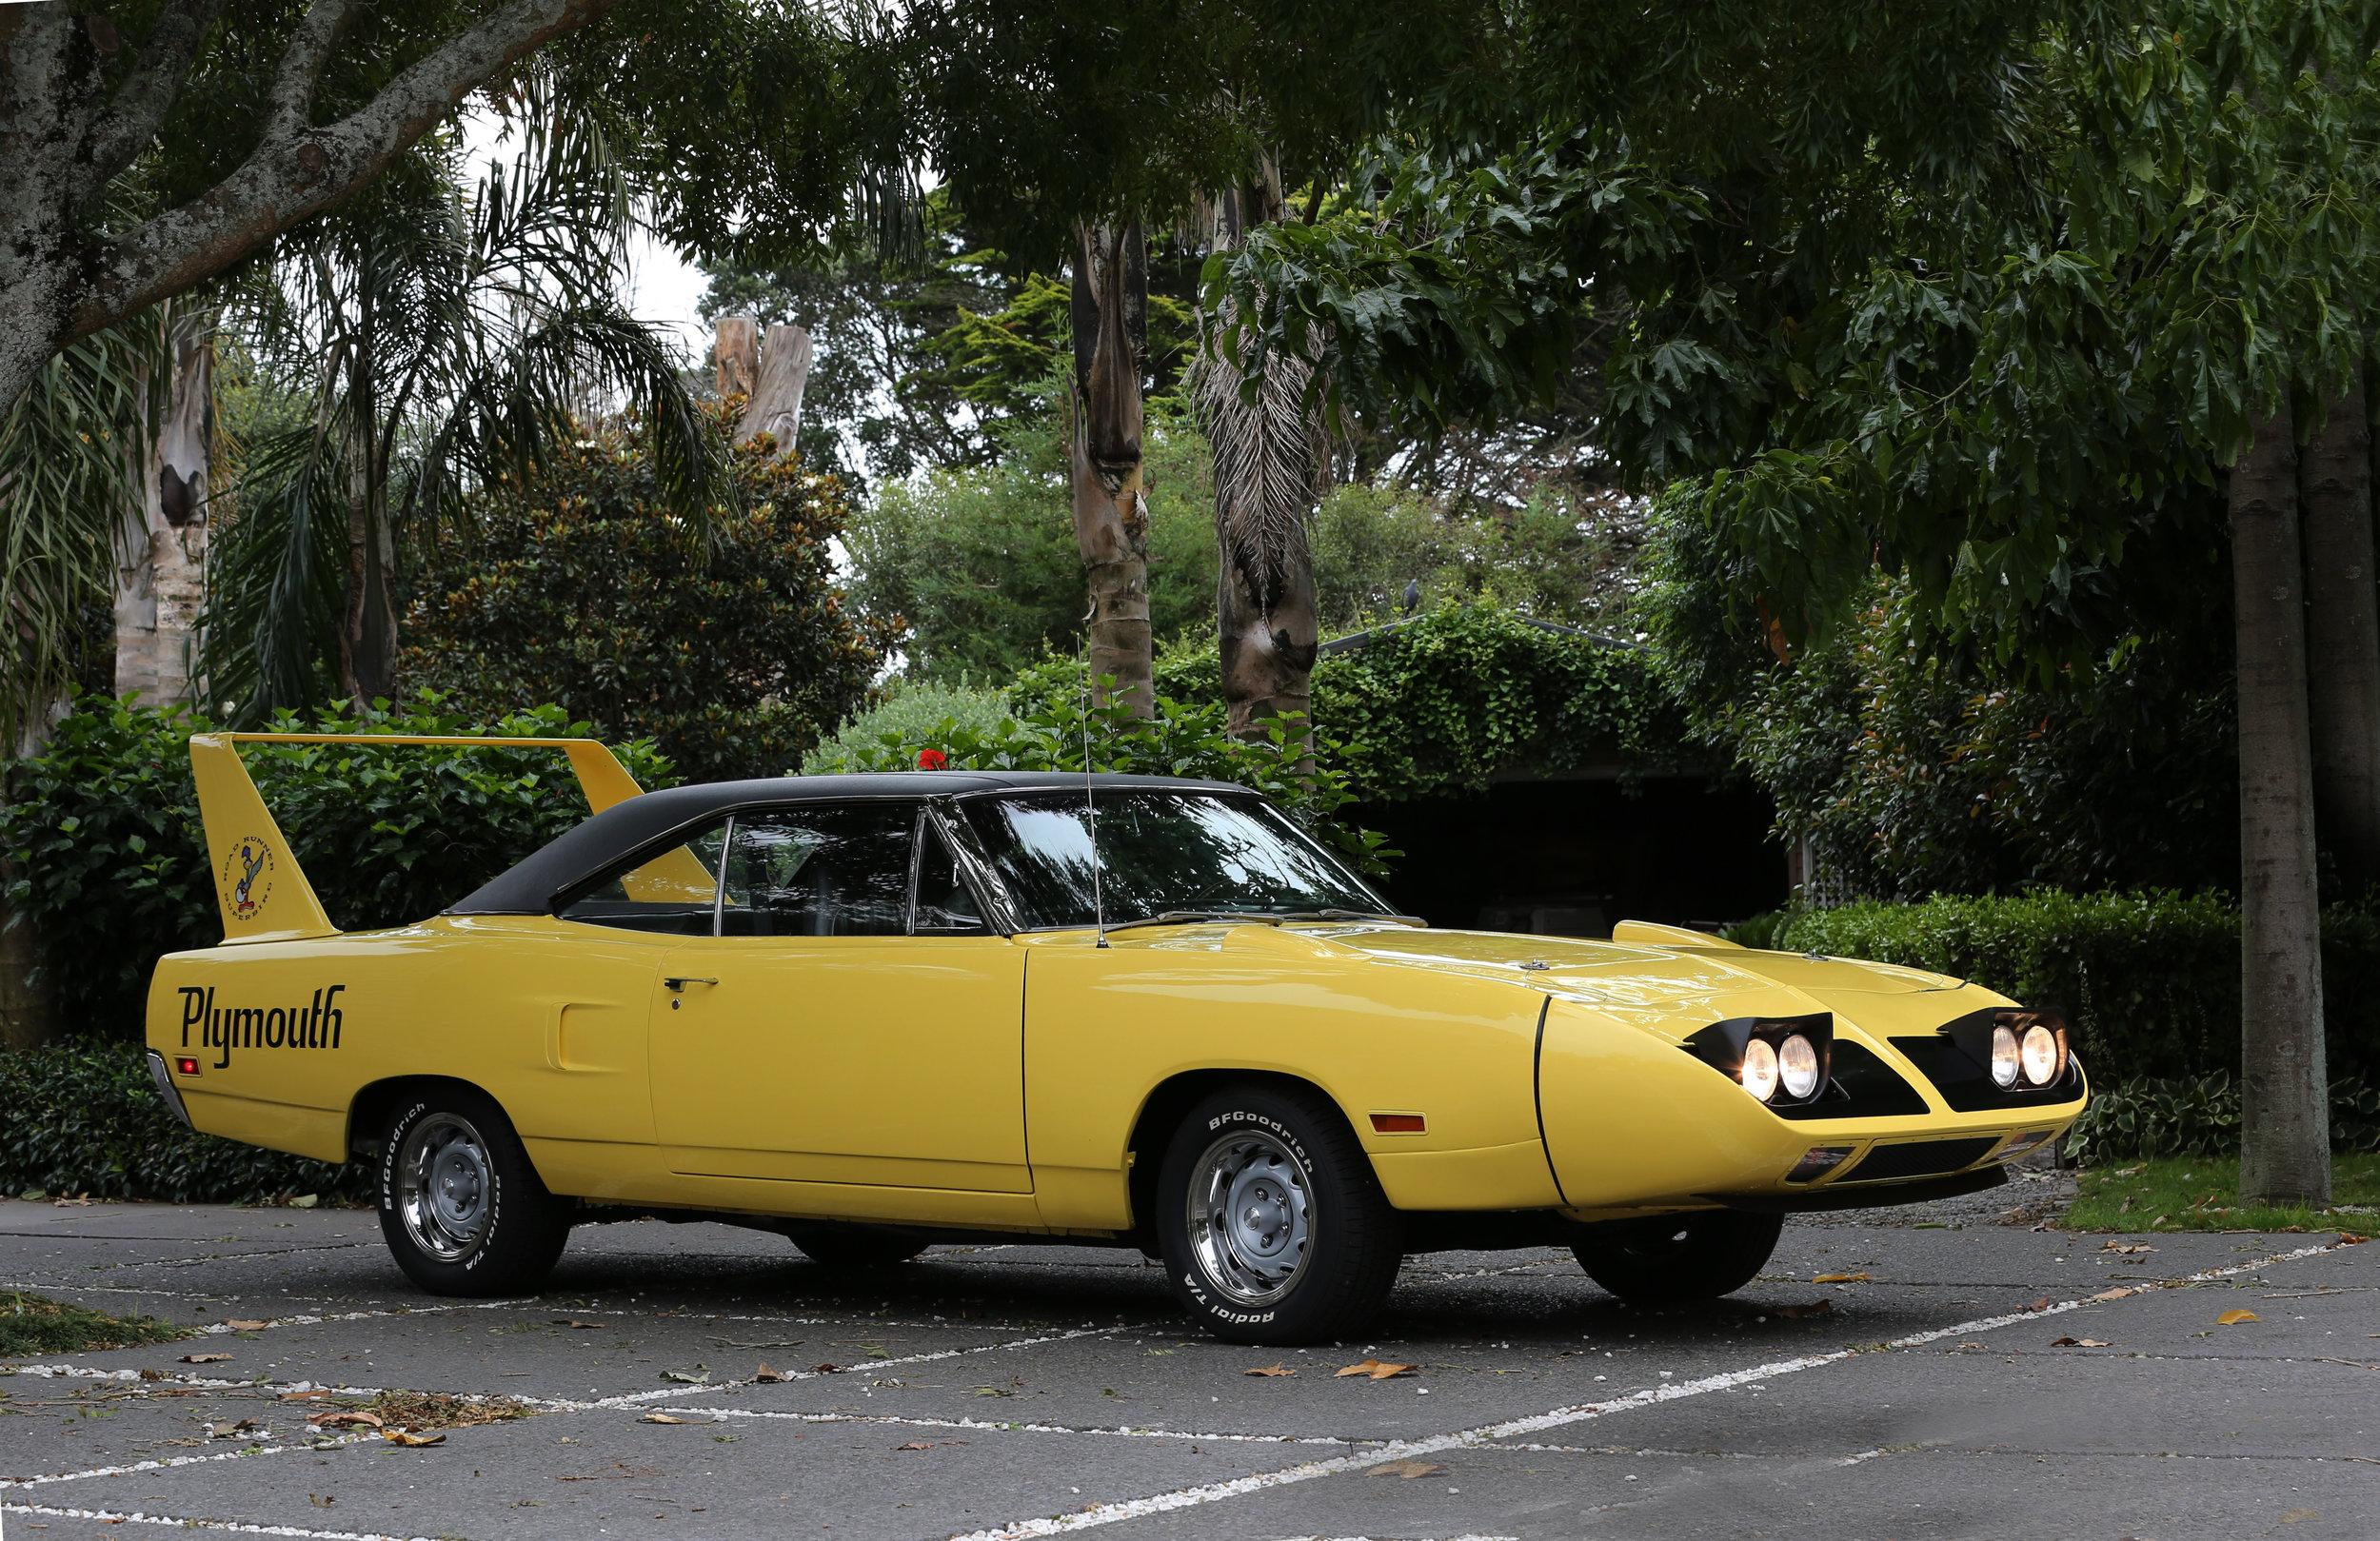 Plymouth Roadrunner #12.jpg